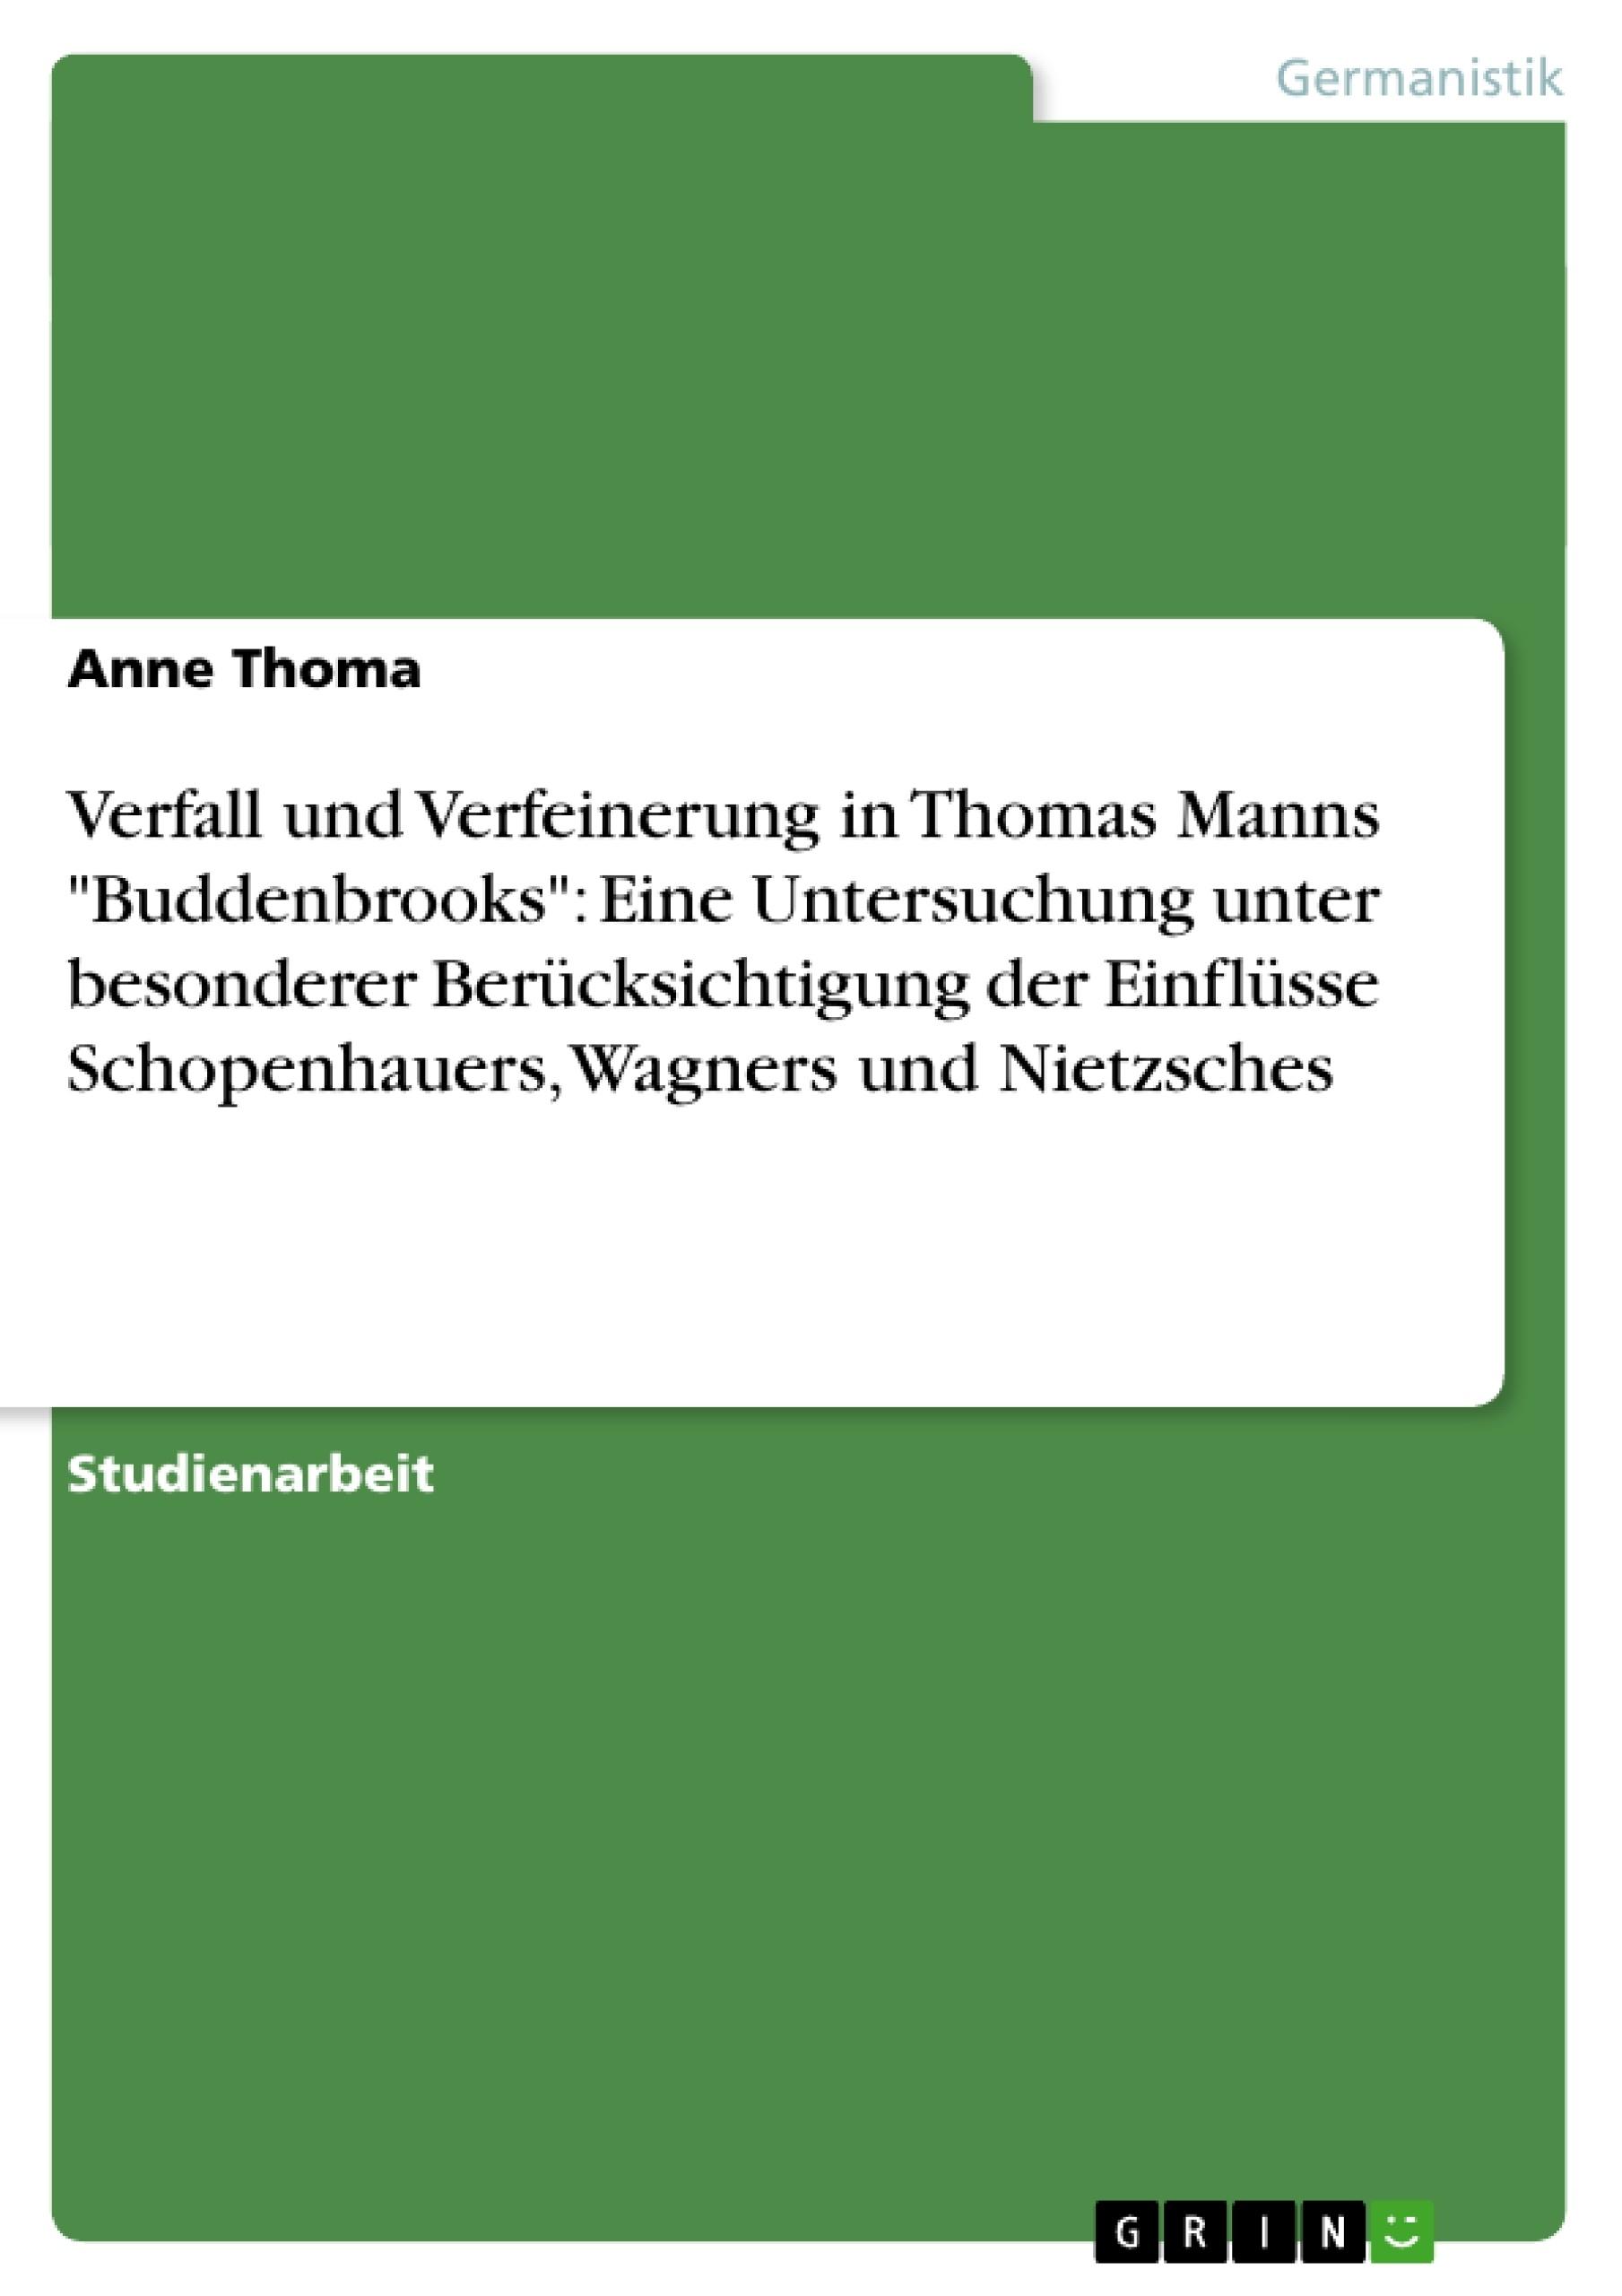 """Titel: Verfall und Verfeinerung in Thomas Manns """"Buddenbrooks"""": Eine Untersuchung unter besonderer Berücksichtigung der Einflüsse Schopenhauers, Wagners und Nietzsches"""